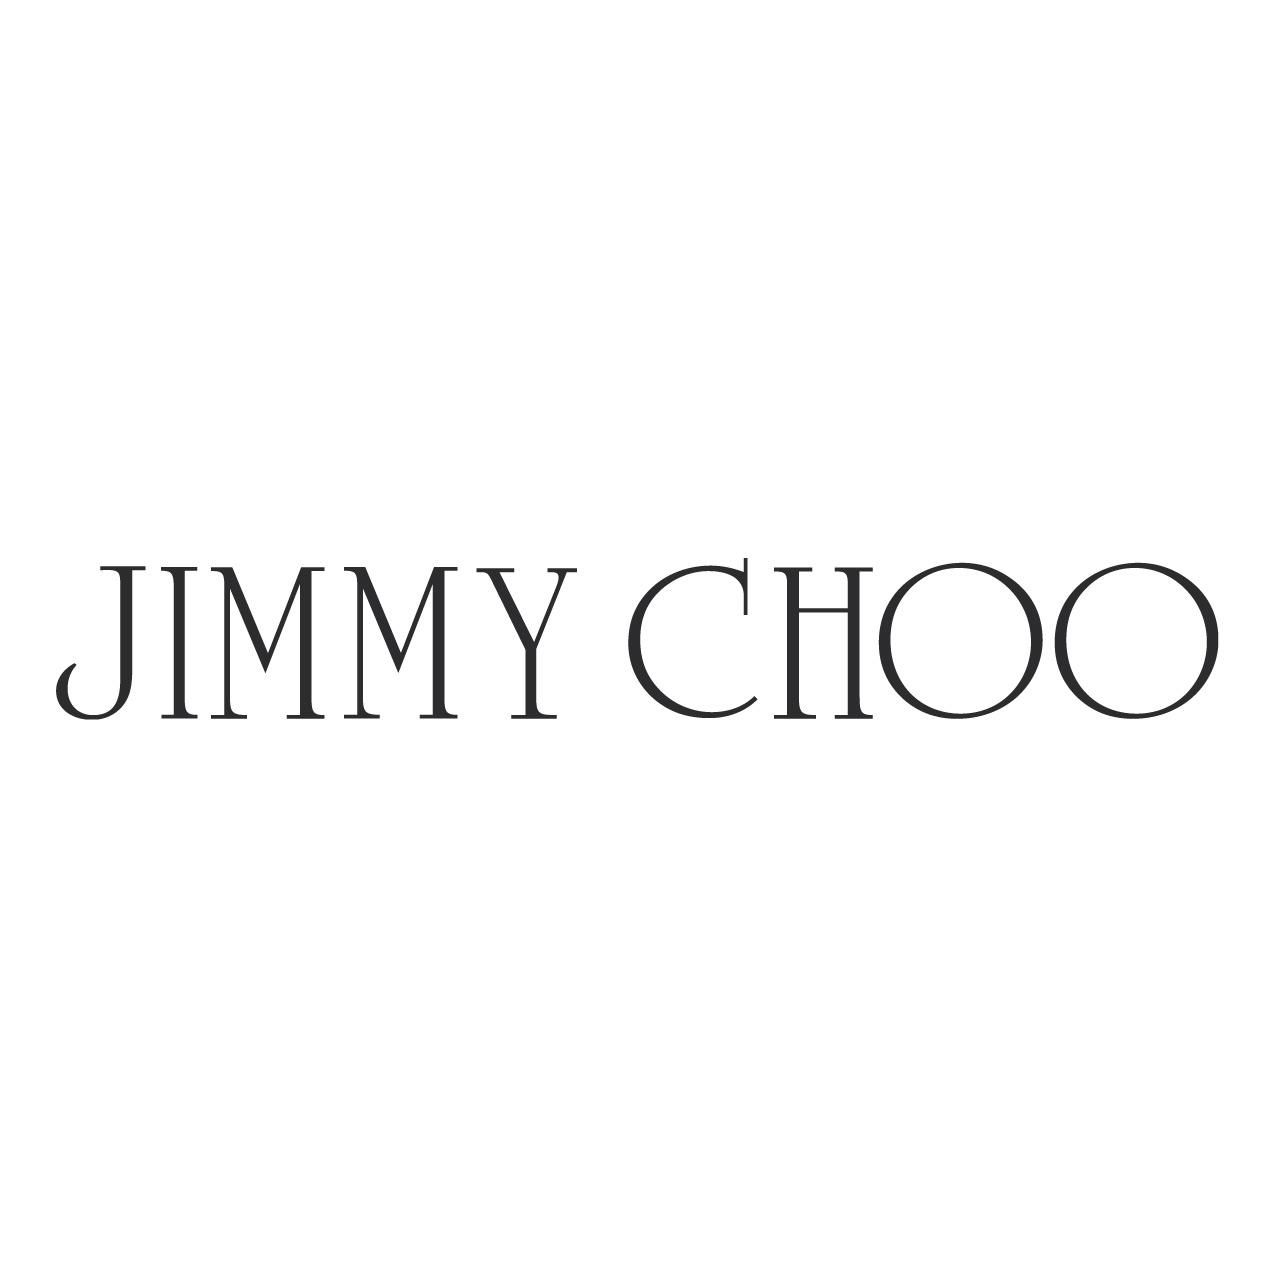 JIMMY CHOO/ジミー チュウの最新アイテムを個人輸入・海外通販